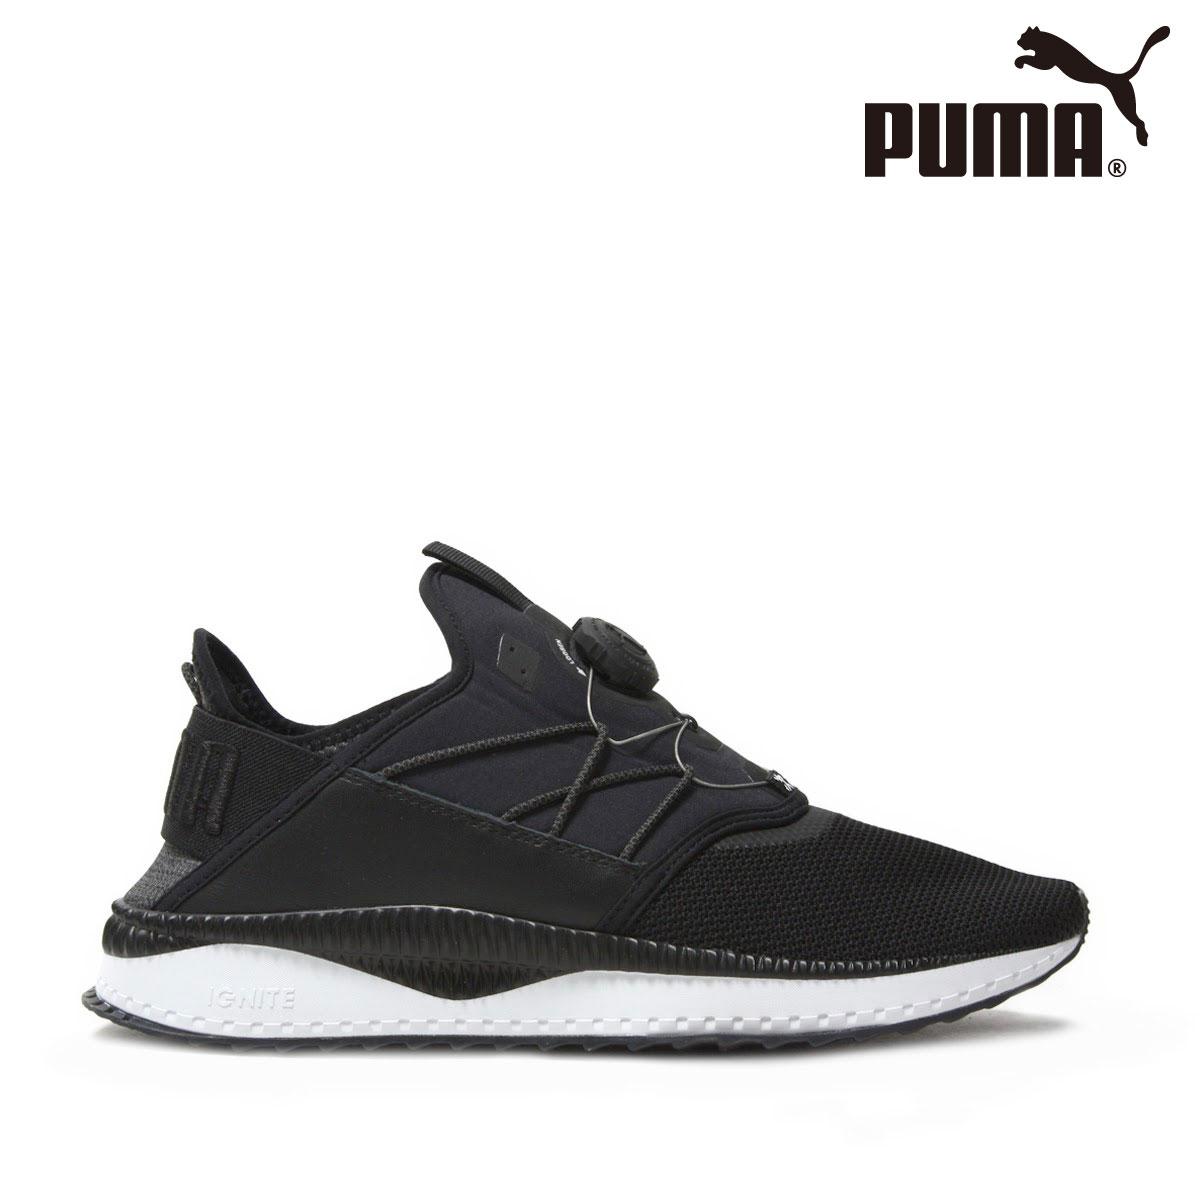 PUMA TSUGI DISK (PUMA BLACK-PU) (プーマ ツギ ディスク) 【メンズ】【スニーカー】【17FA-I】